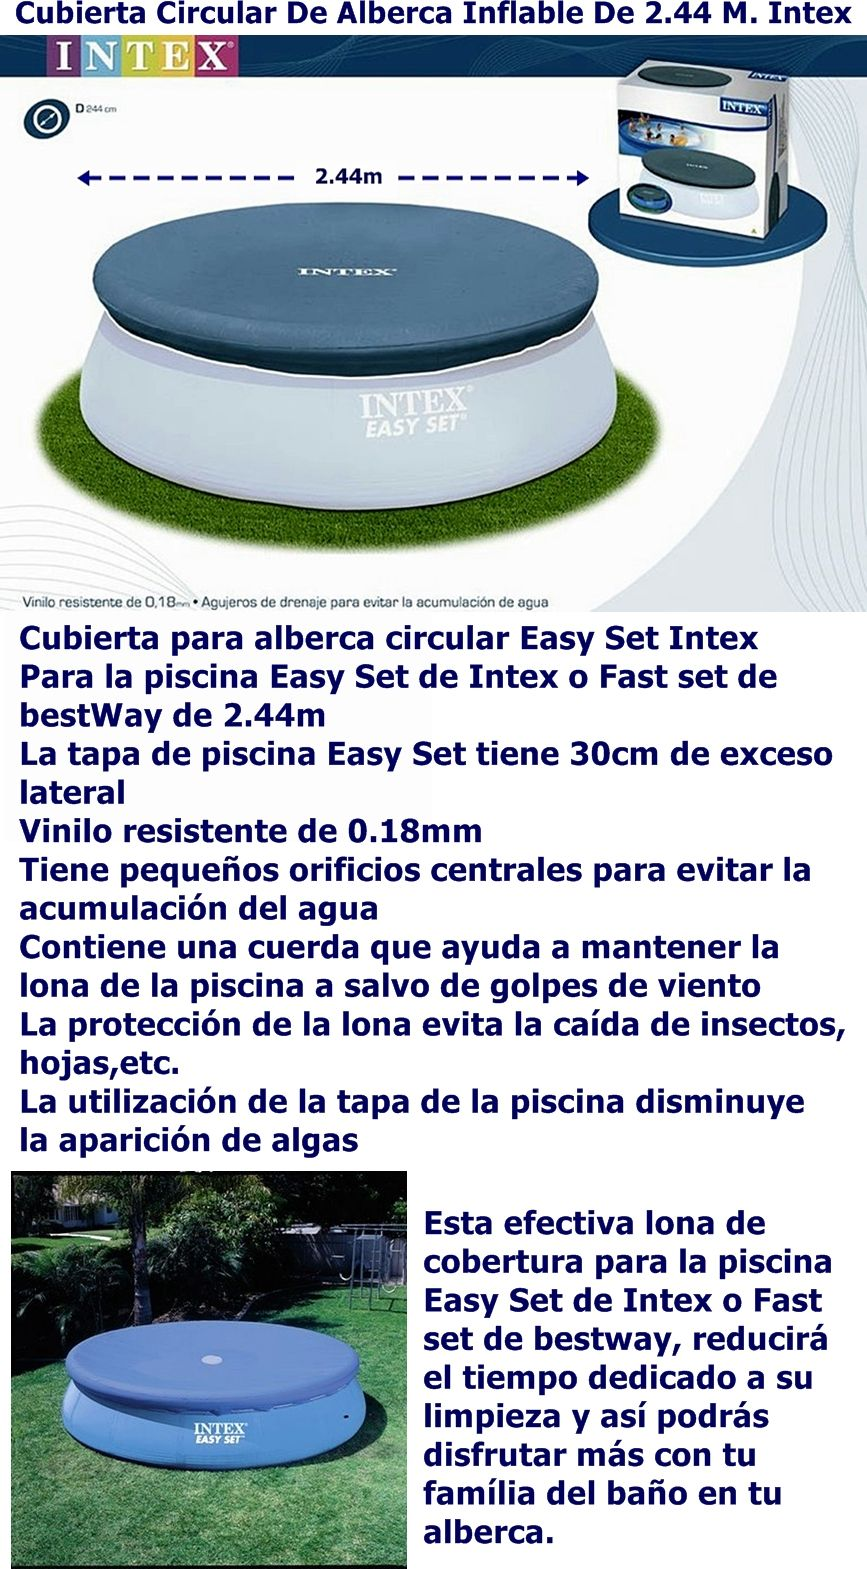 Cubierta tapa circular de alberca inflable de m intex for Cubierta para alberca intex